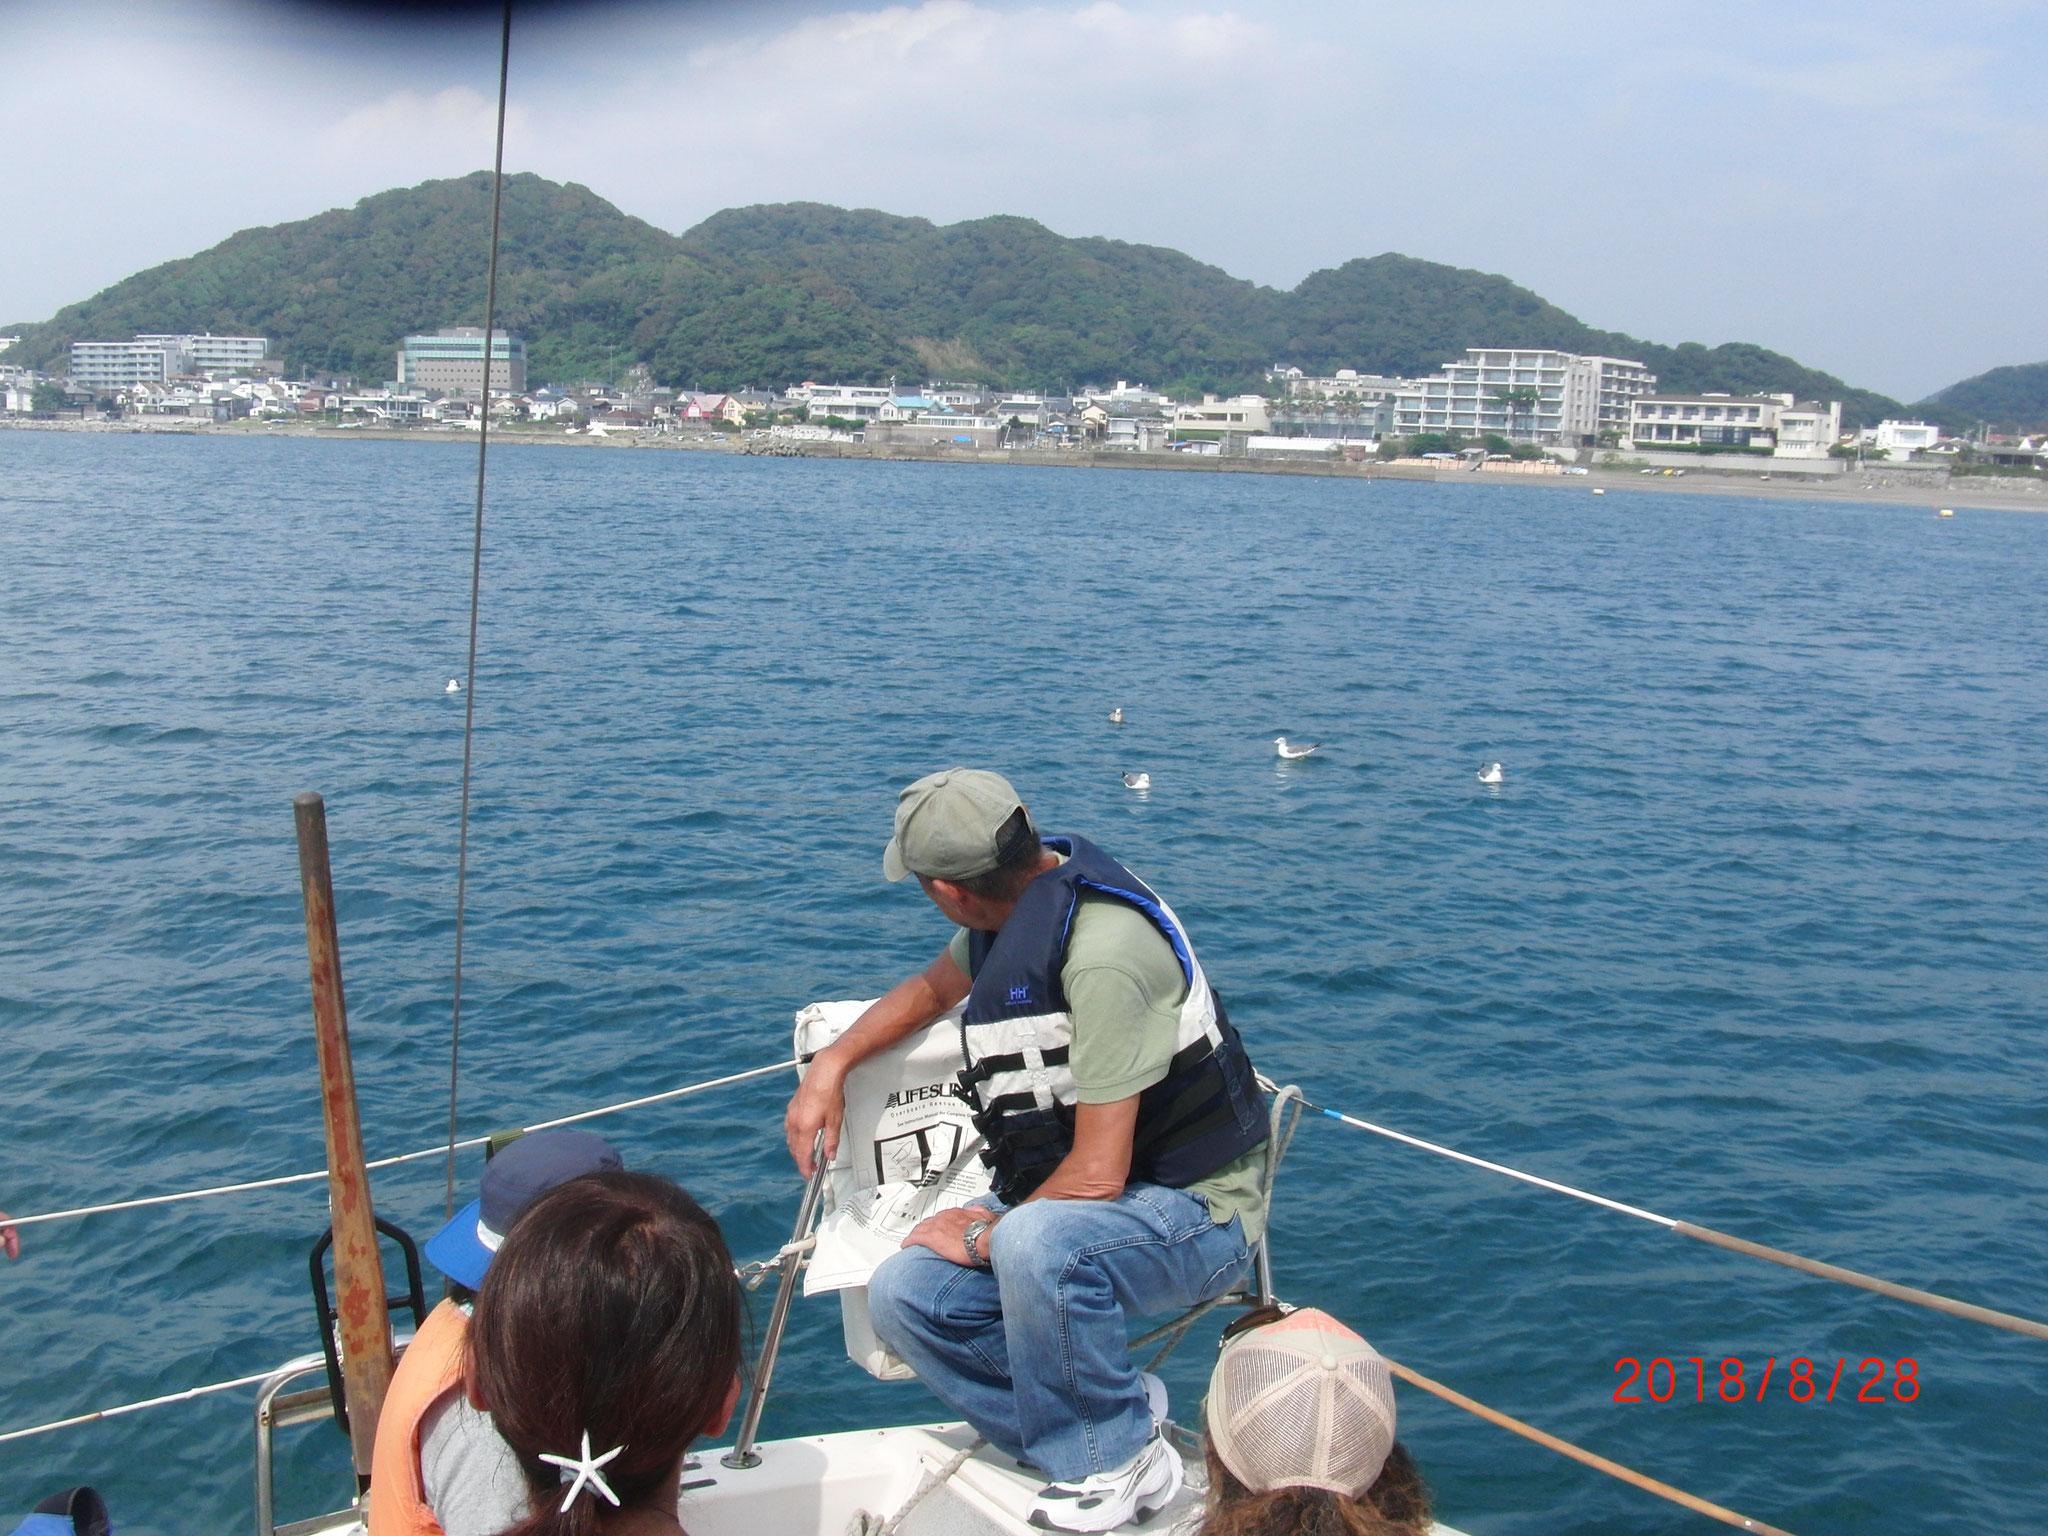 カモメがヨットに接近中 最後はトンビまでが合流。。。